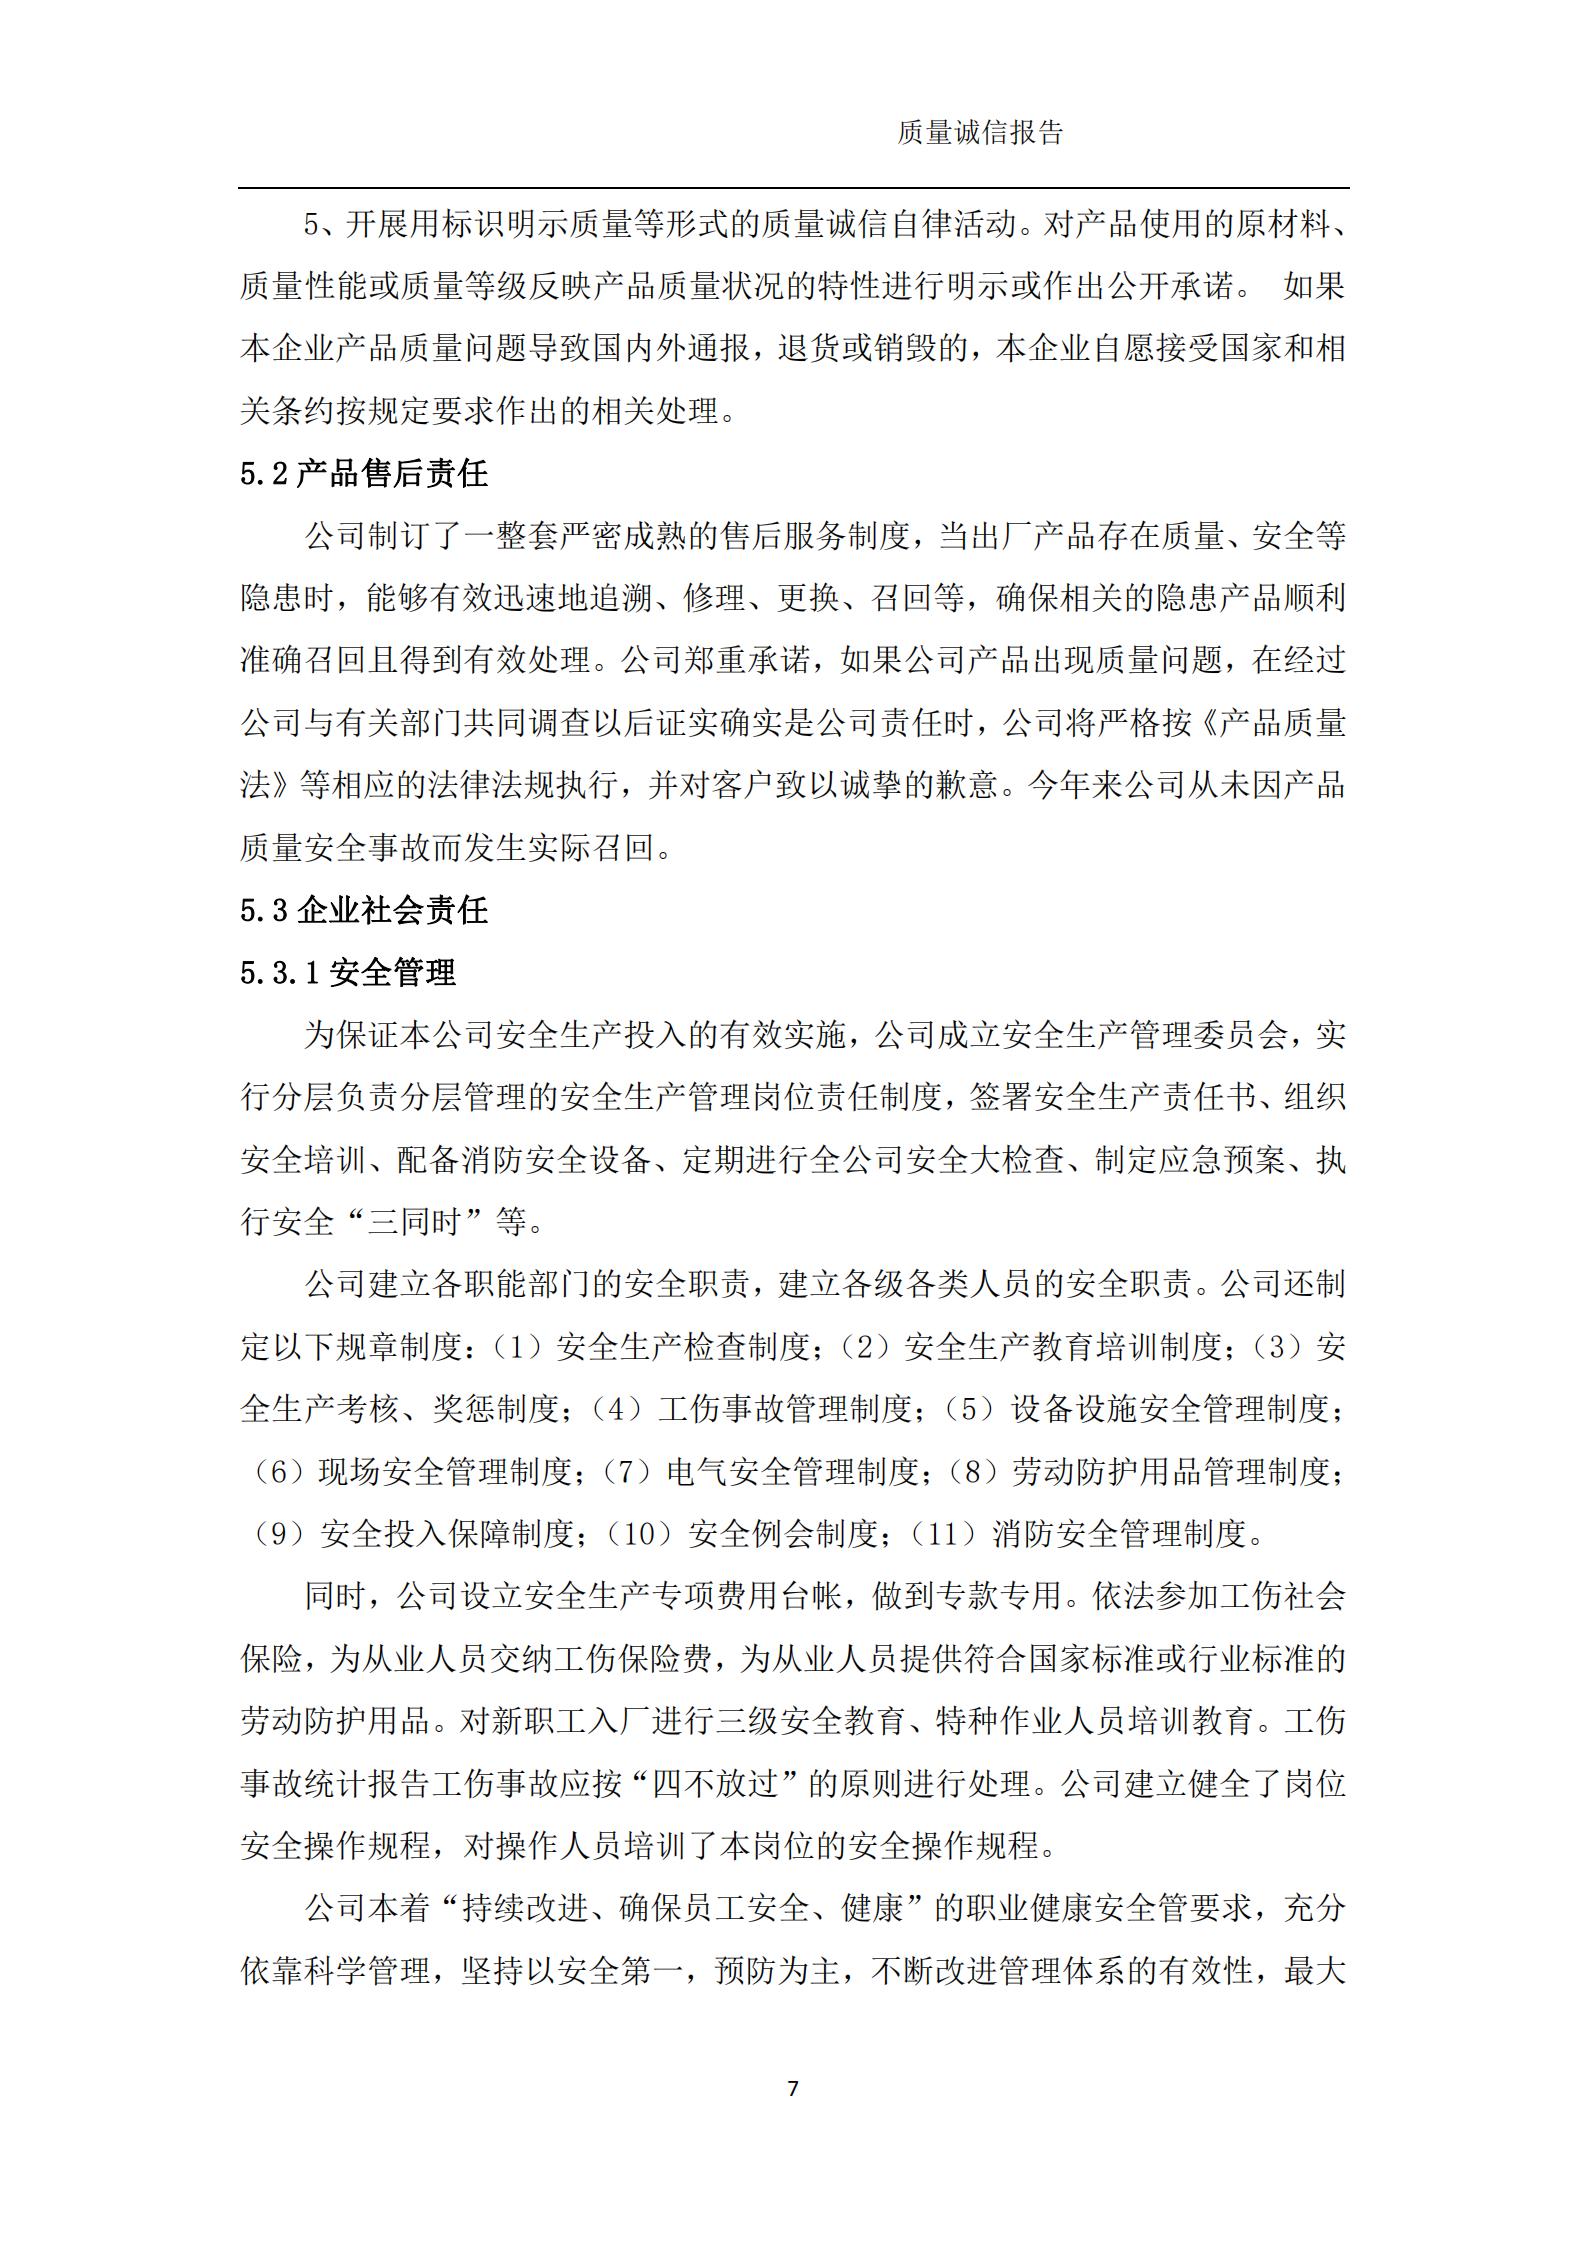 浙江新诚减速机科技有限公司-质量诚信报告(1)_08.png